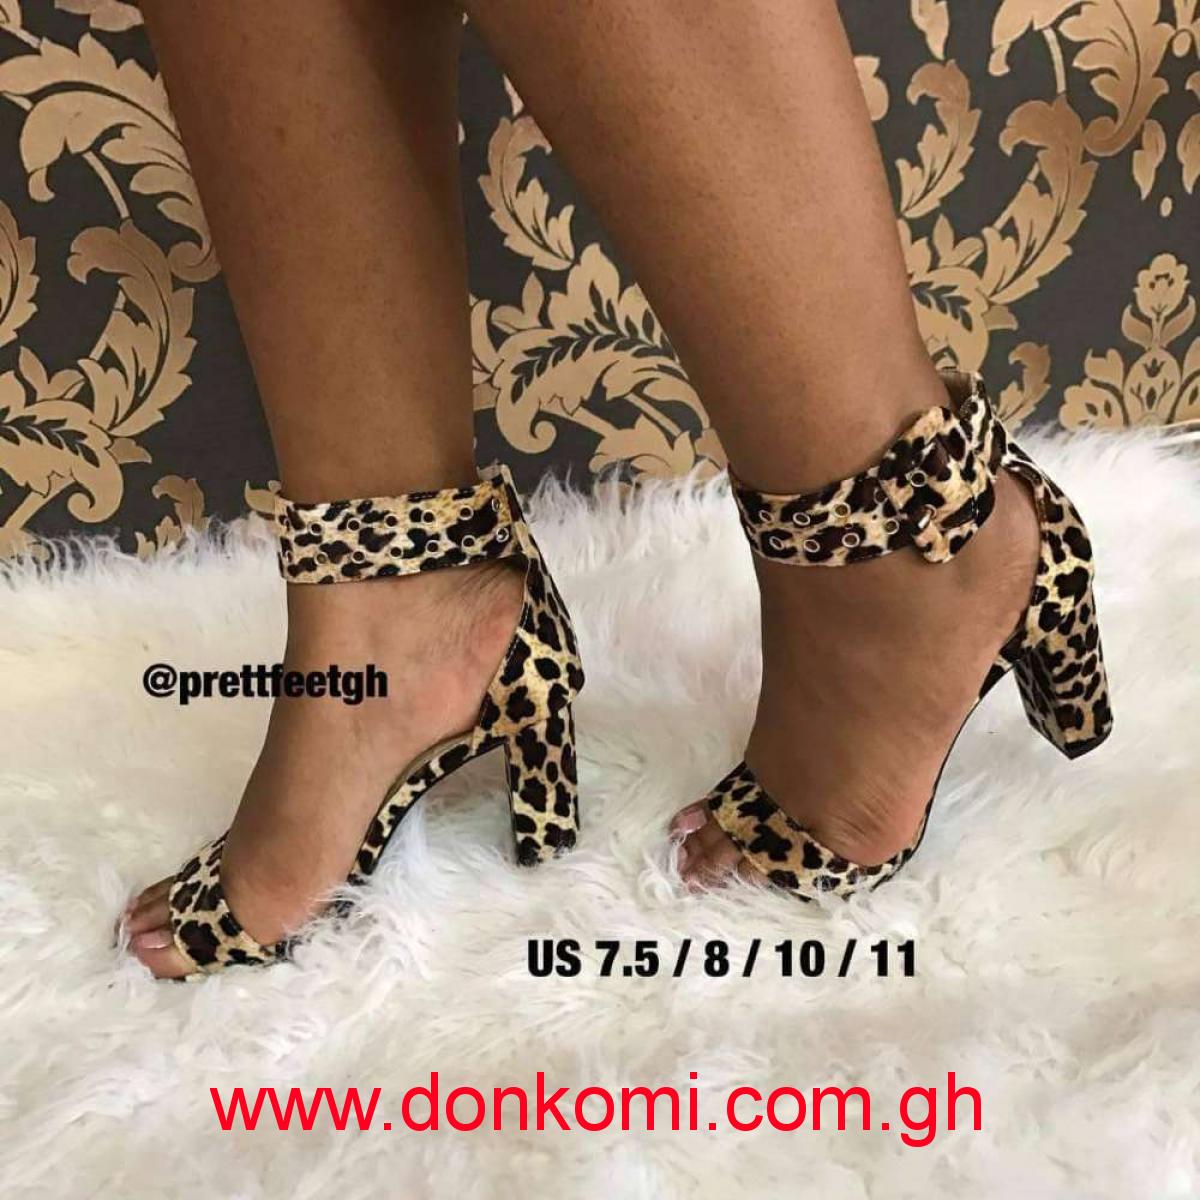 Wear quality heels